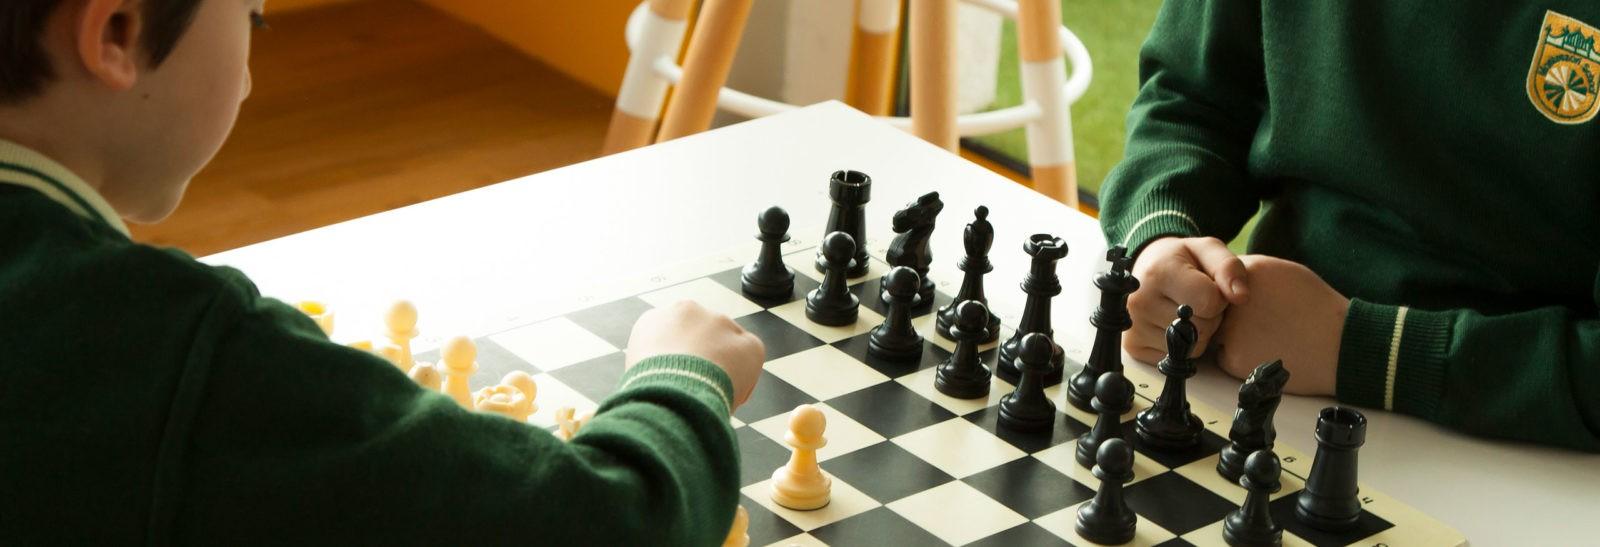 headers-ajedrez-montessori